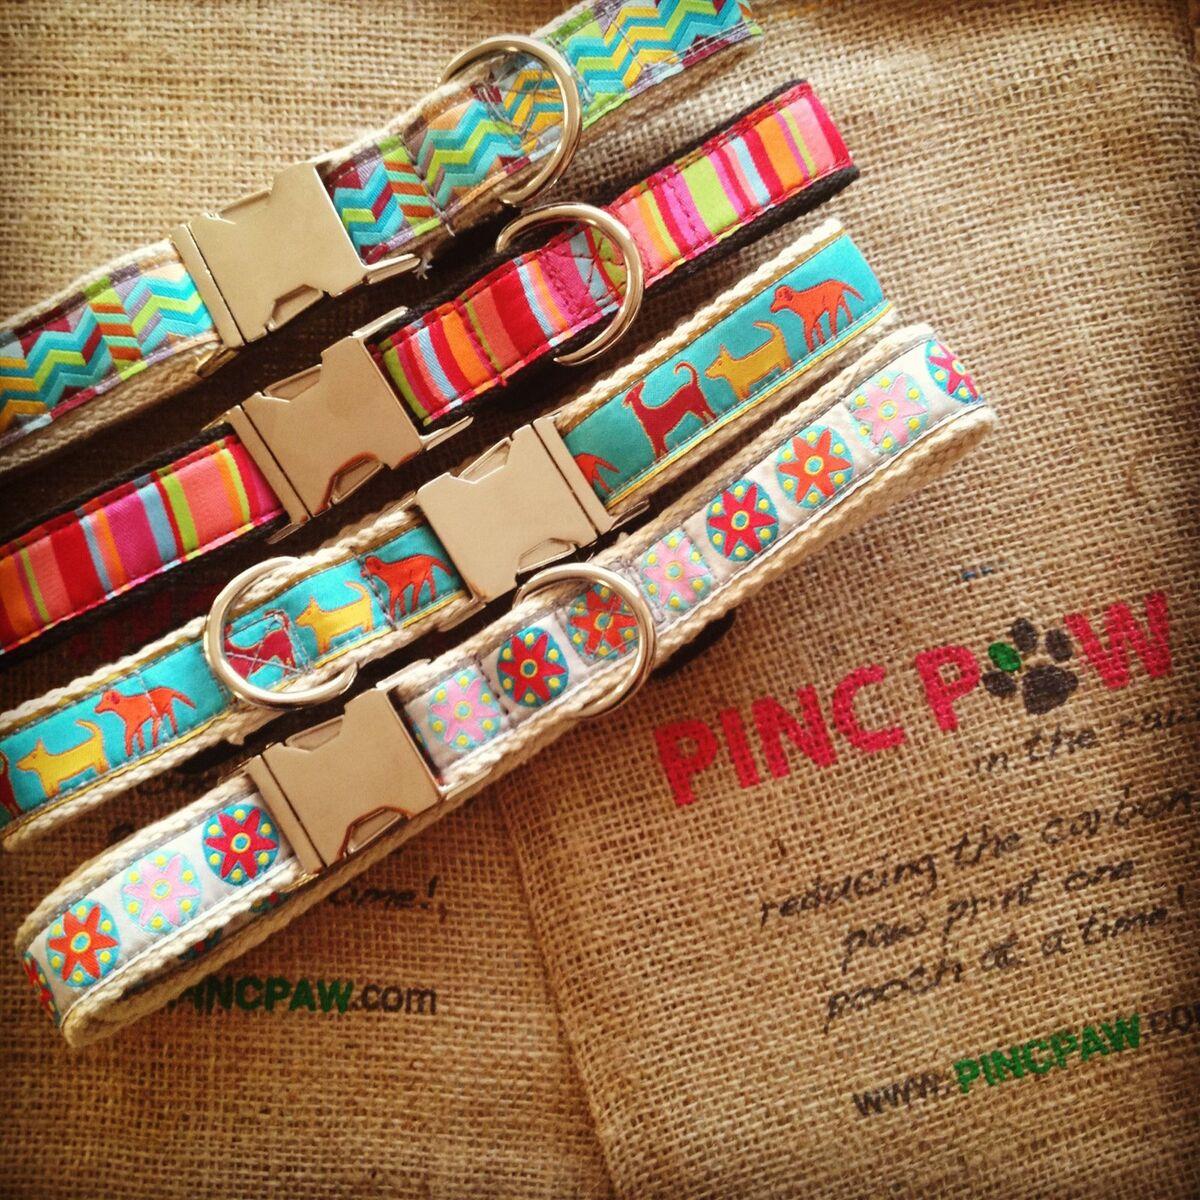 PINC Paw